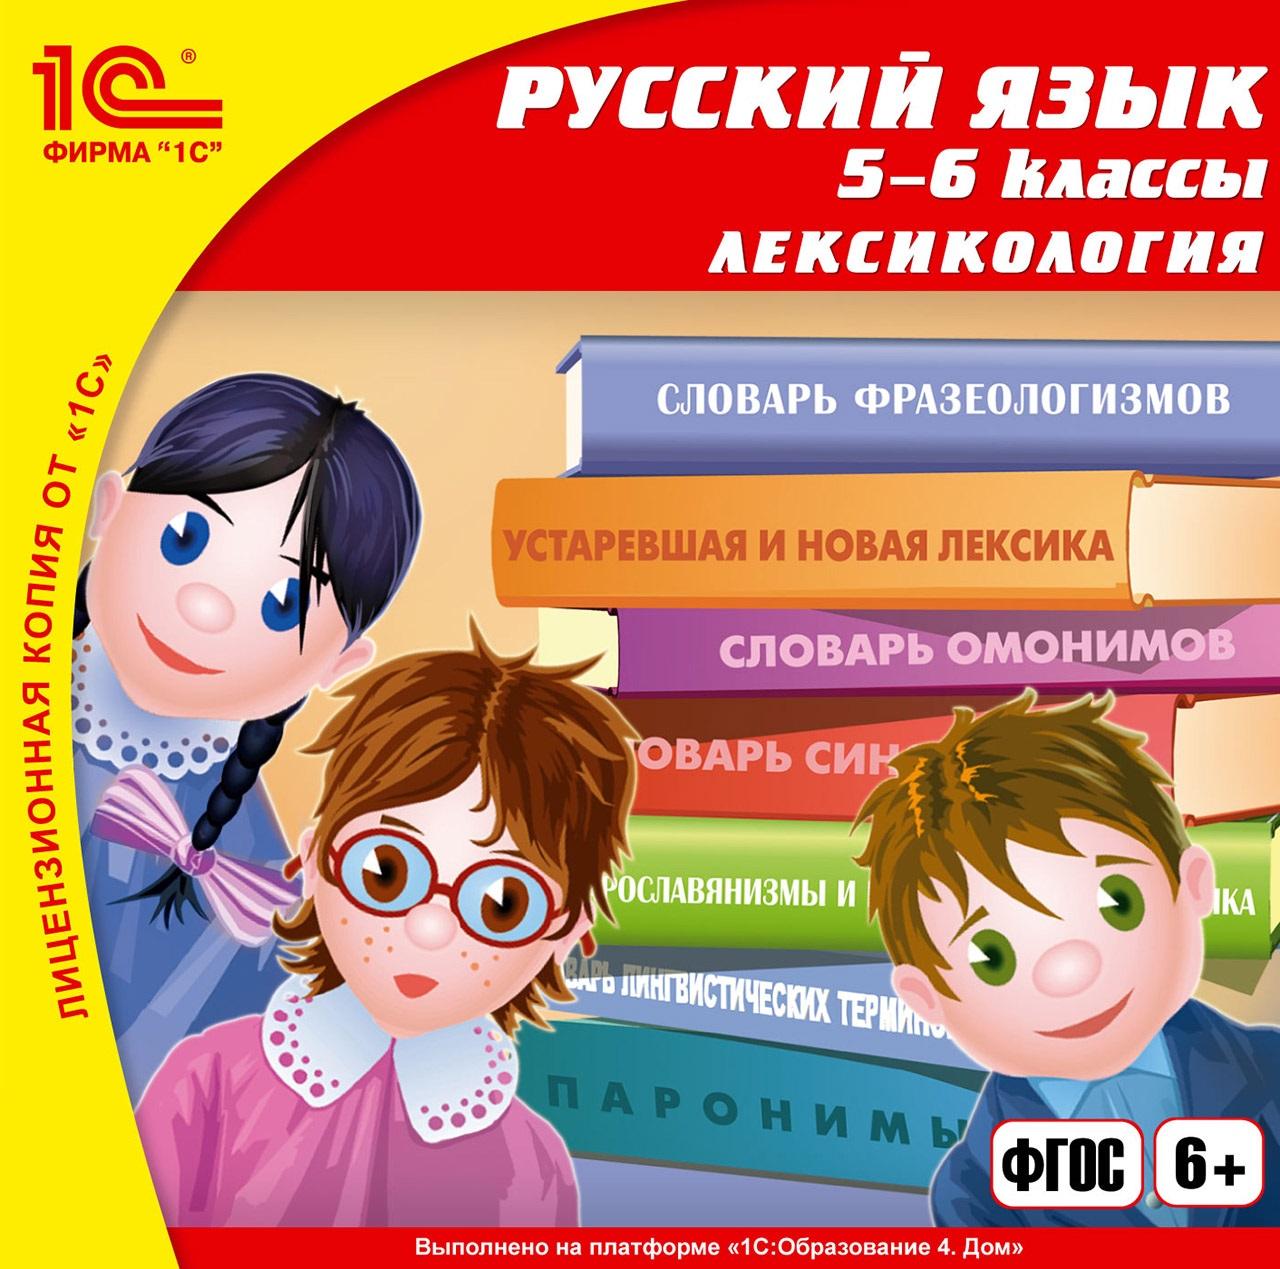 Русский язык. 5-6 класс. ЛексикологияПредставляем вашему вниманию программу Русский язык, 5-6 класс. Лексикология, содержащую курс, которым завершается серия уроков в виртуальном классе по русскому языку для учащихся 5-х и 6-х классов.<br>